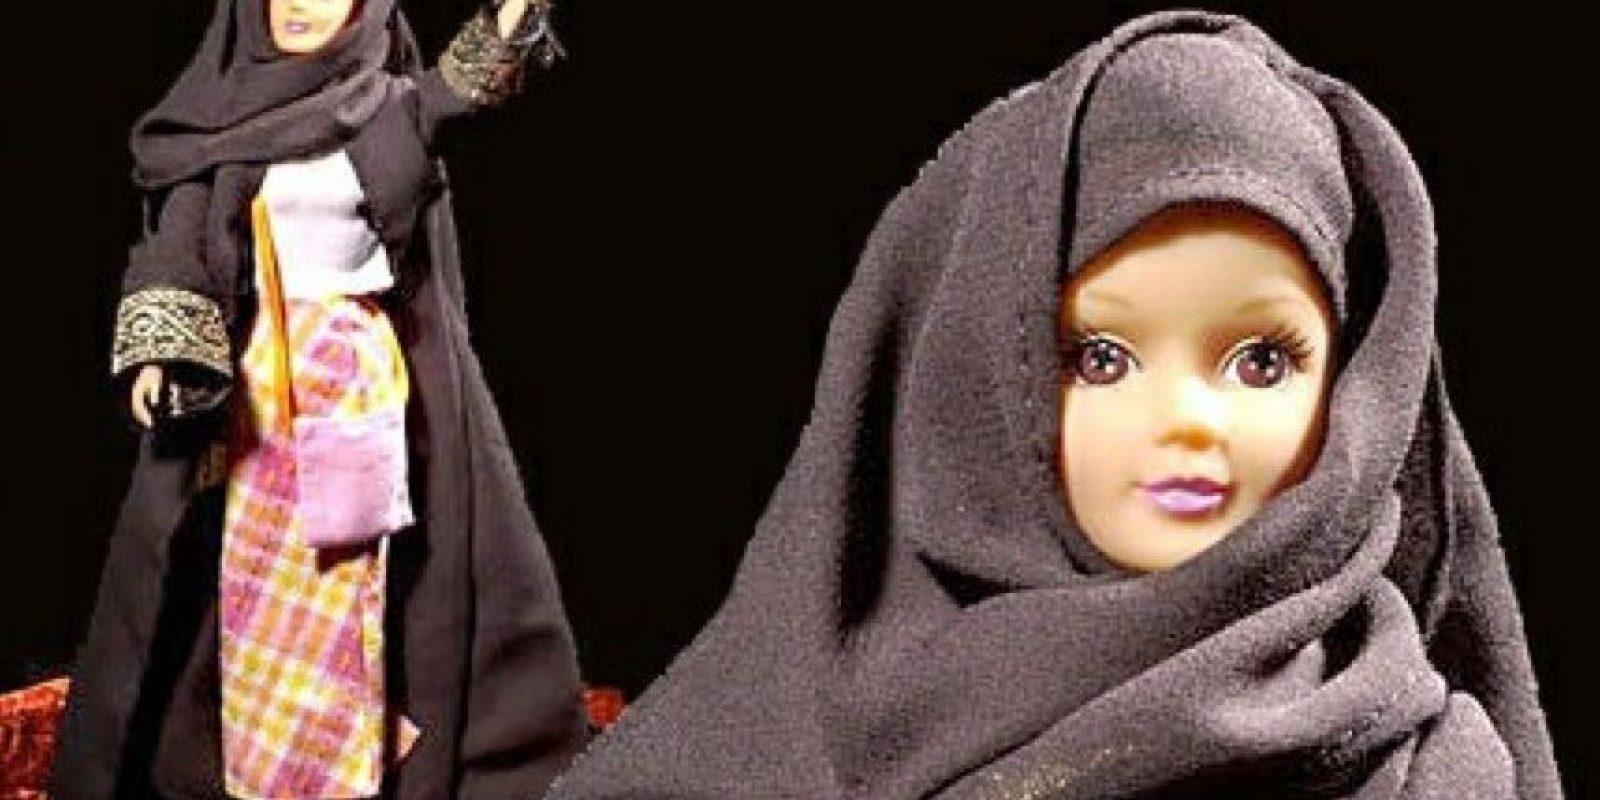 Fulla es la Barbie musulmana. Se creó en 2003. Viene en formato tradicional y con hijab menos ortodoxo para países liberales. Foto:Fulla